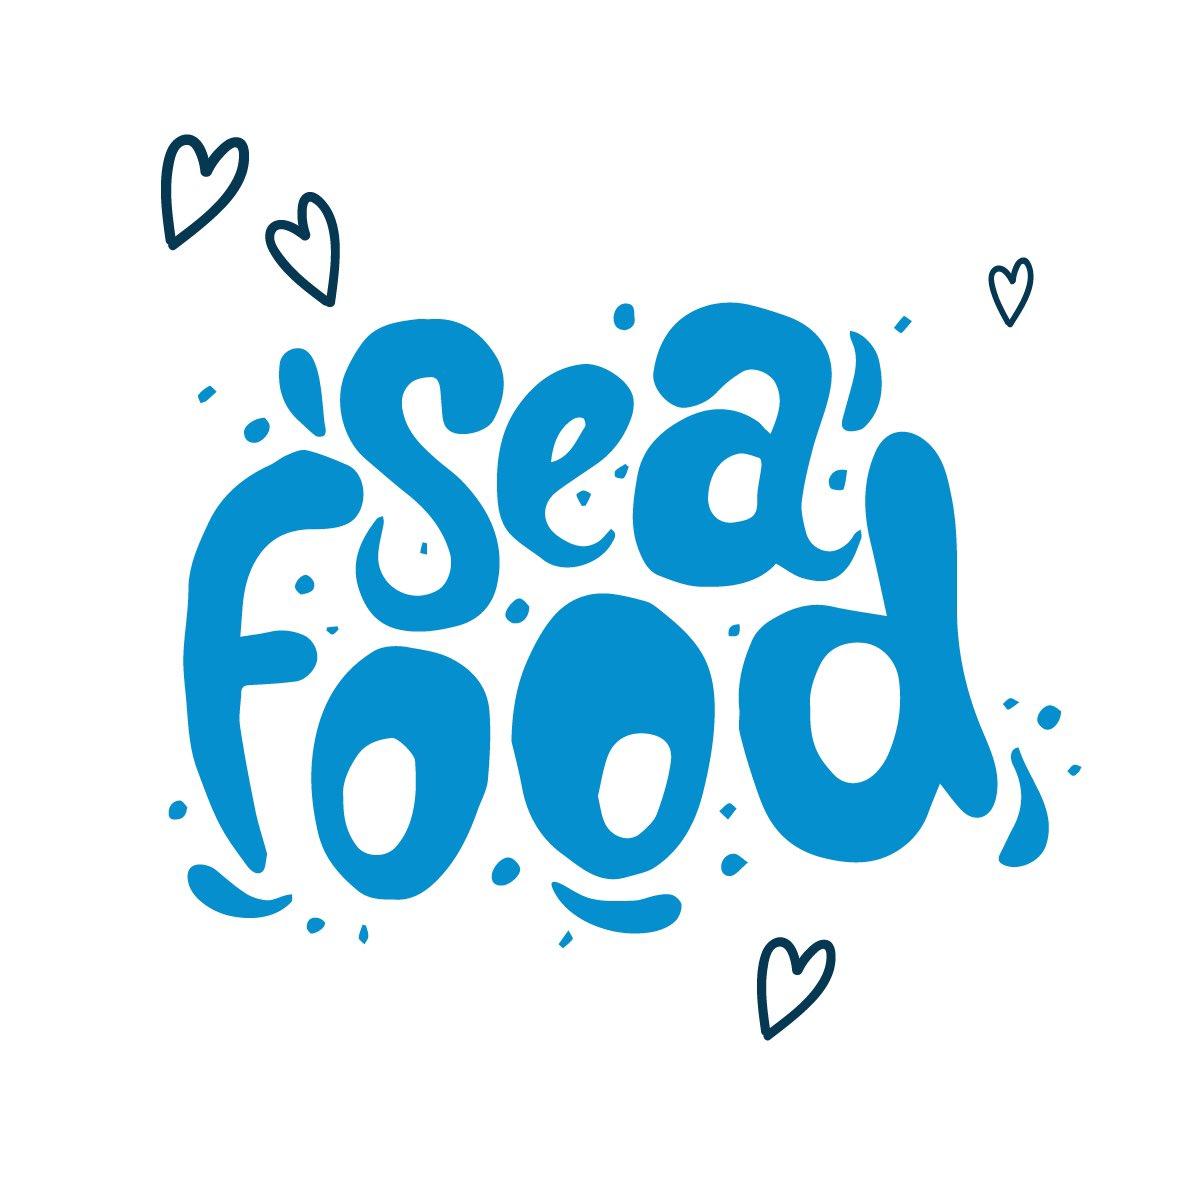 Camgöz'ün enfes lezzetlerinden sizin favoriniz hangisi? -#camgözbalıkçısı #meze #arasıcak #balık #seafood #denizmahsulleri #ankara